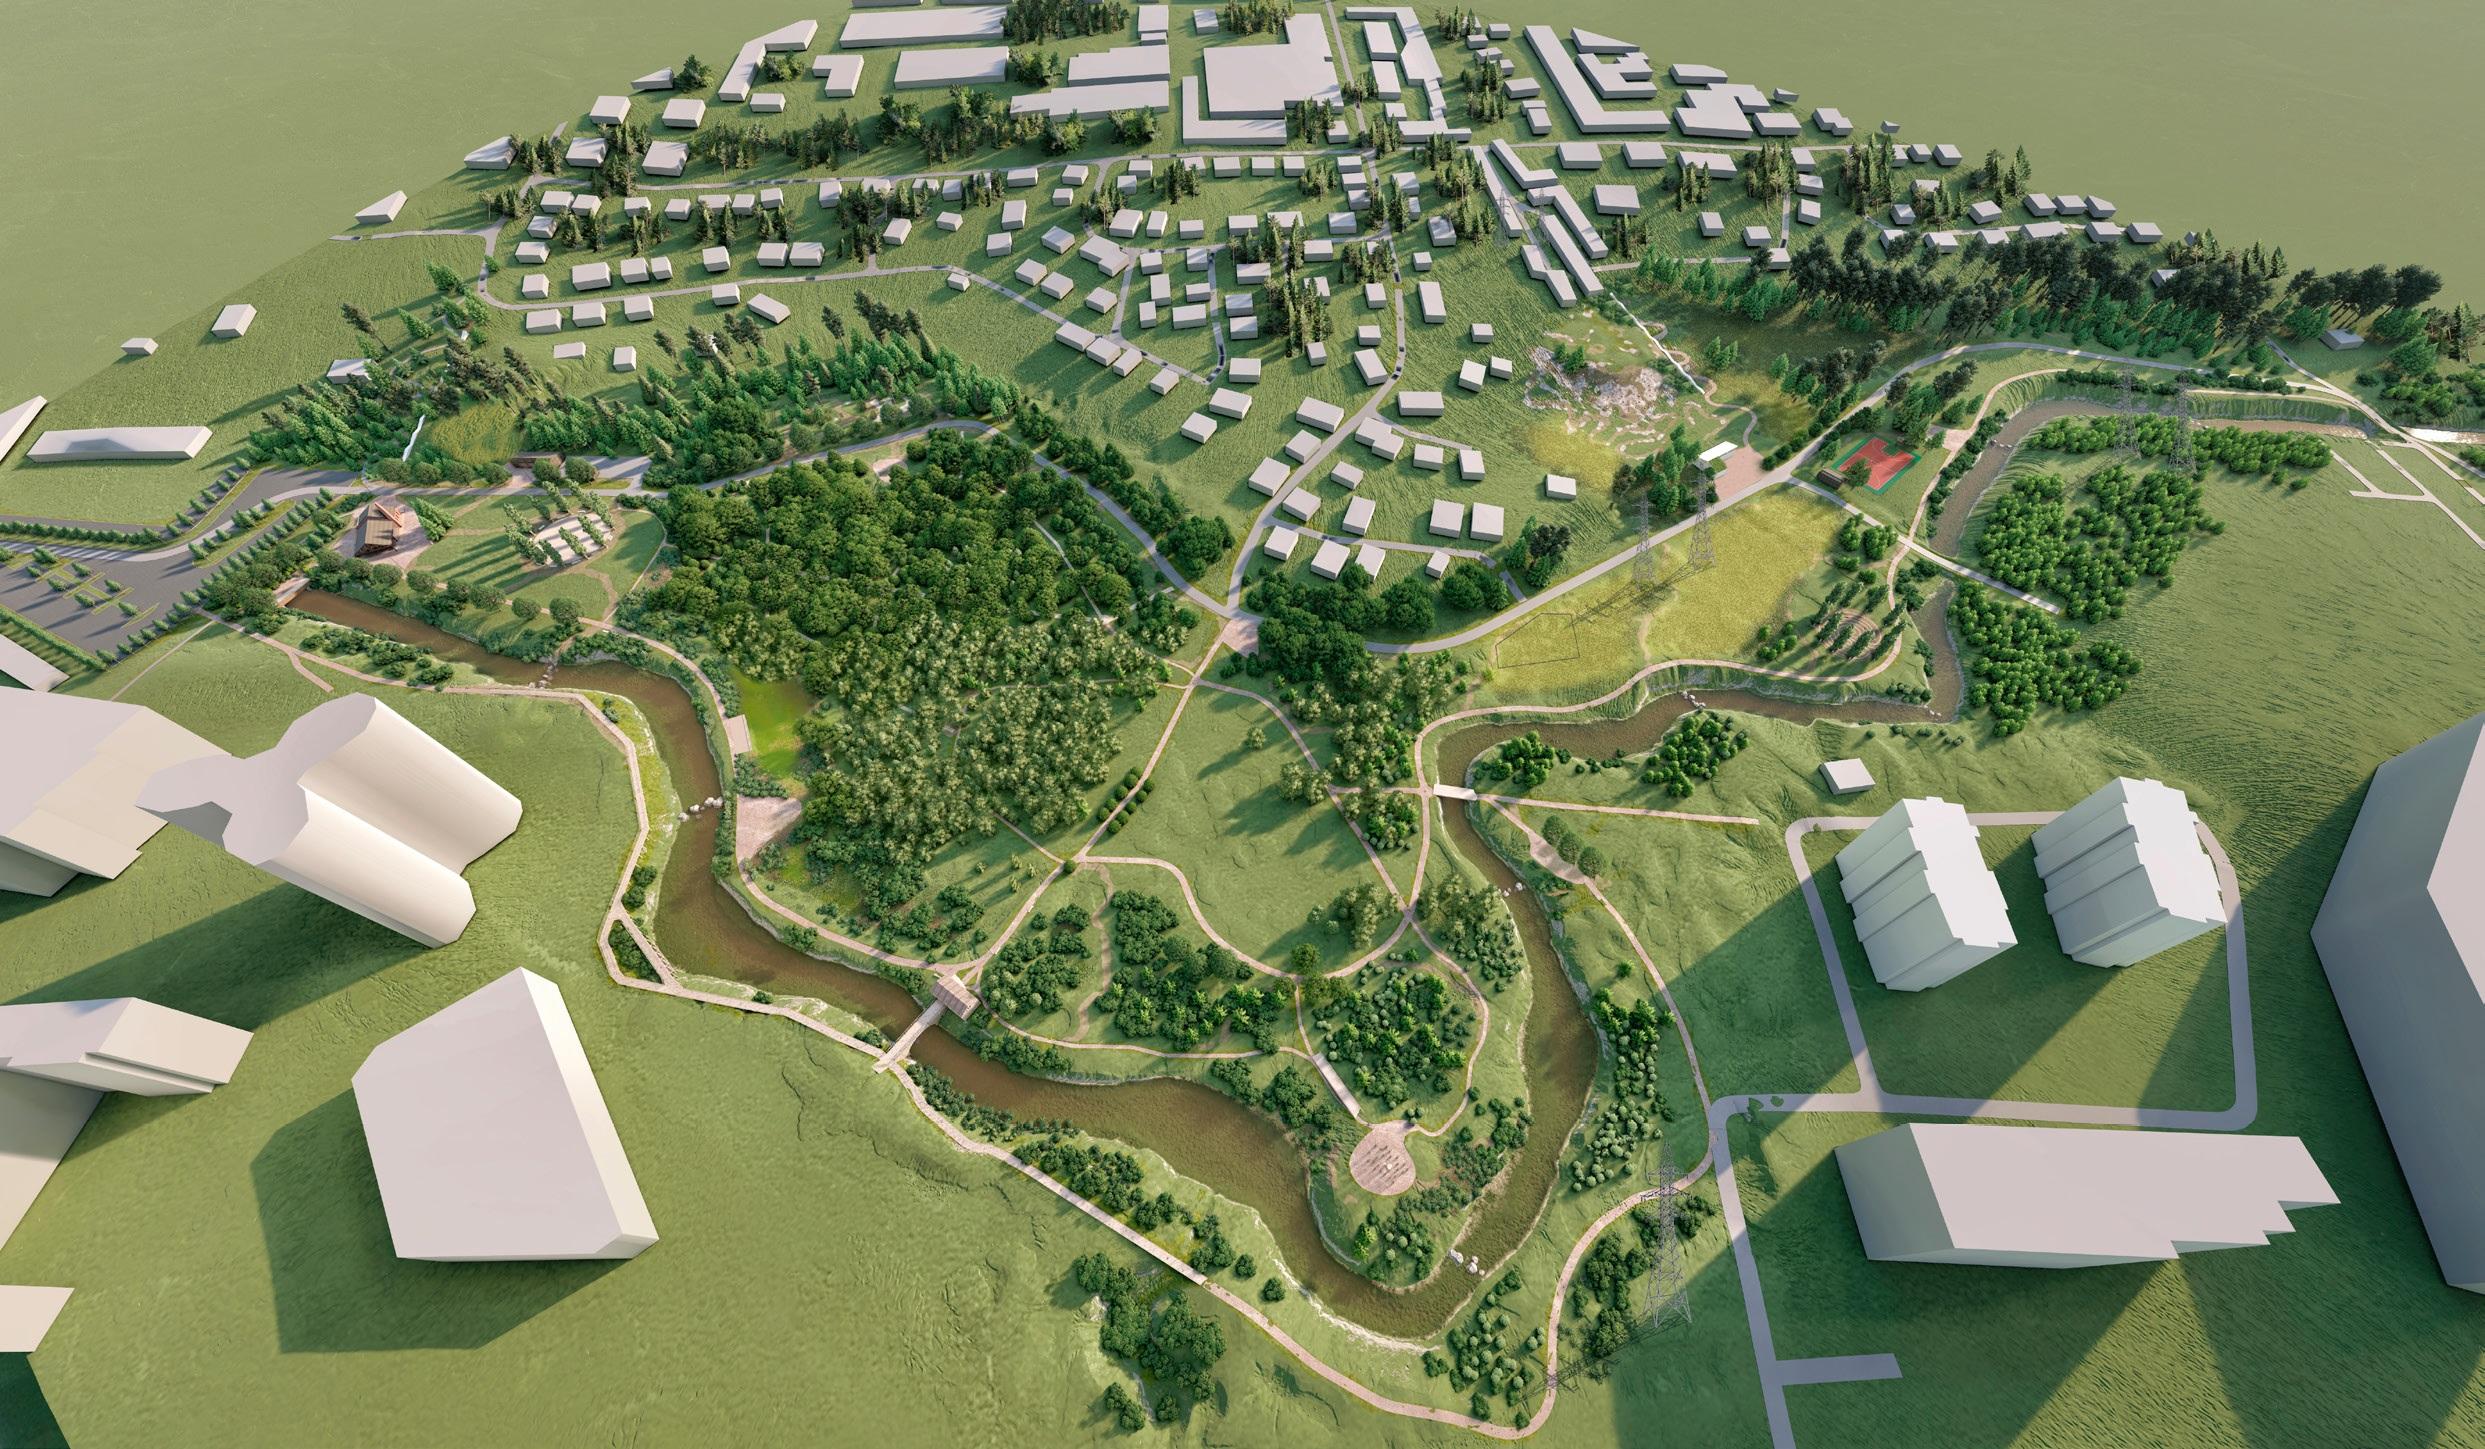 Общая площадь парка составит порядка 13 гектаров, в перспективе в него могут включить и незадействованный сегодня участок с автостоянкой